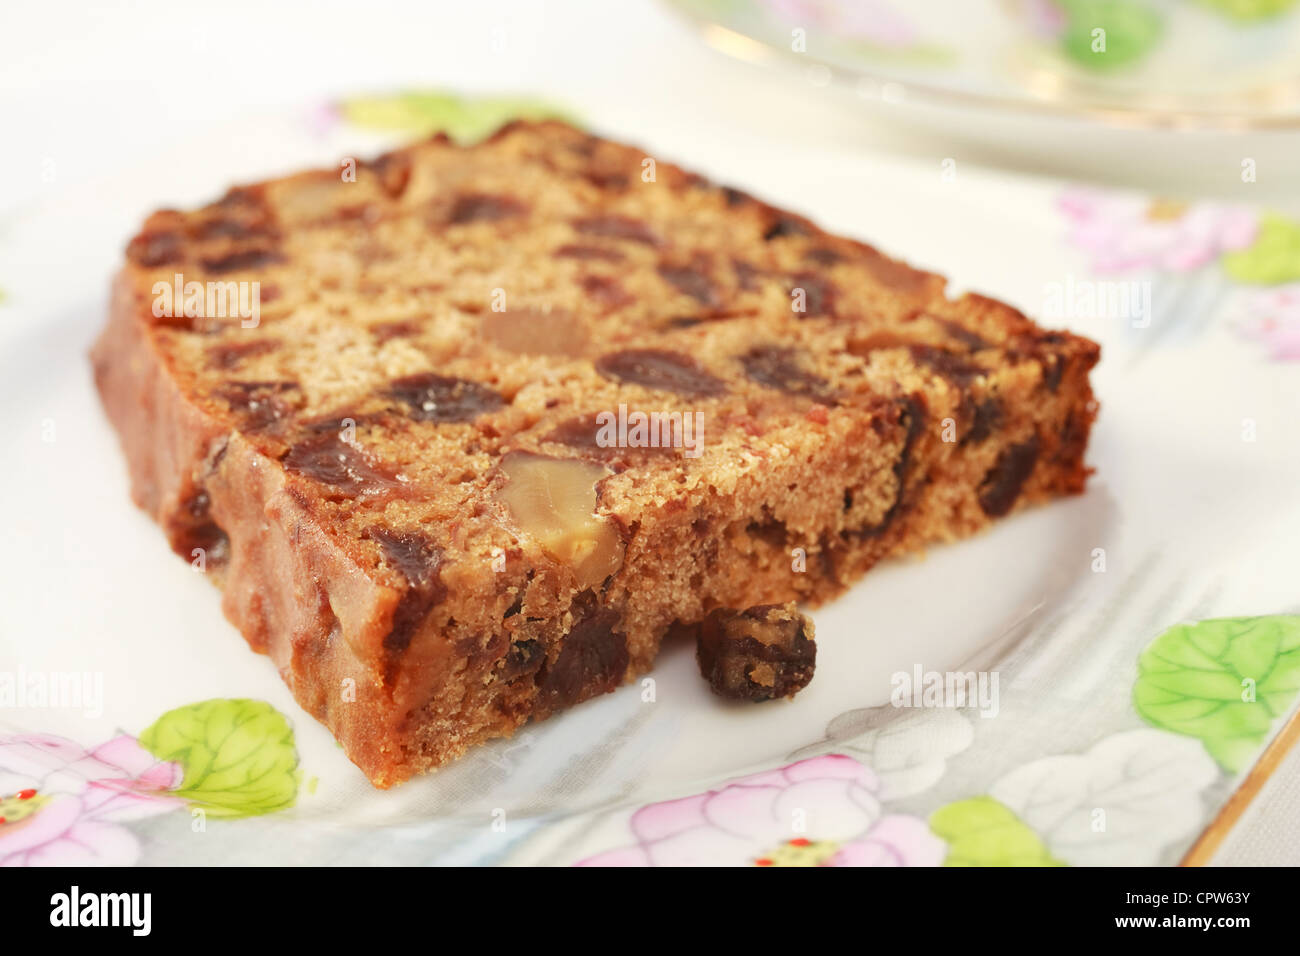 Un gâteau de fruit avec des noix qui ne contient pas de matières grasses, connu sous le nom de thé Photo Stock